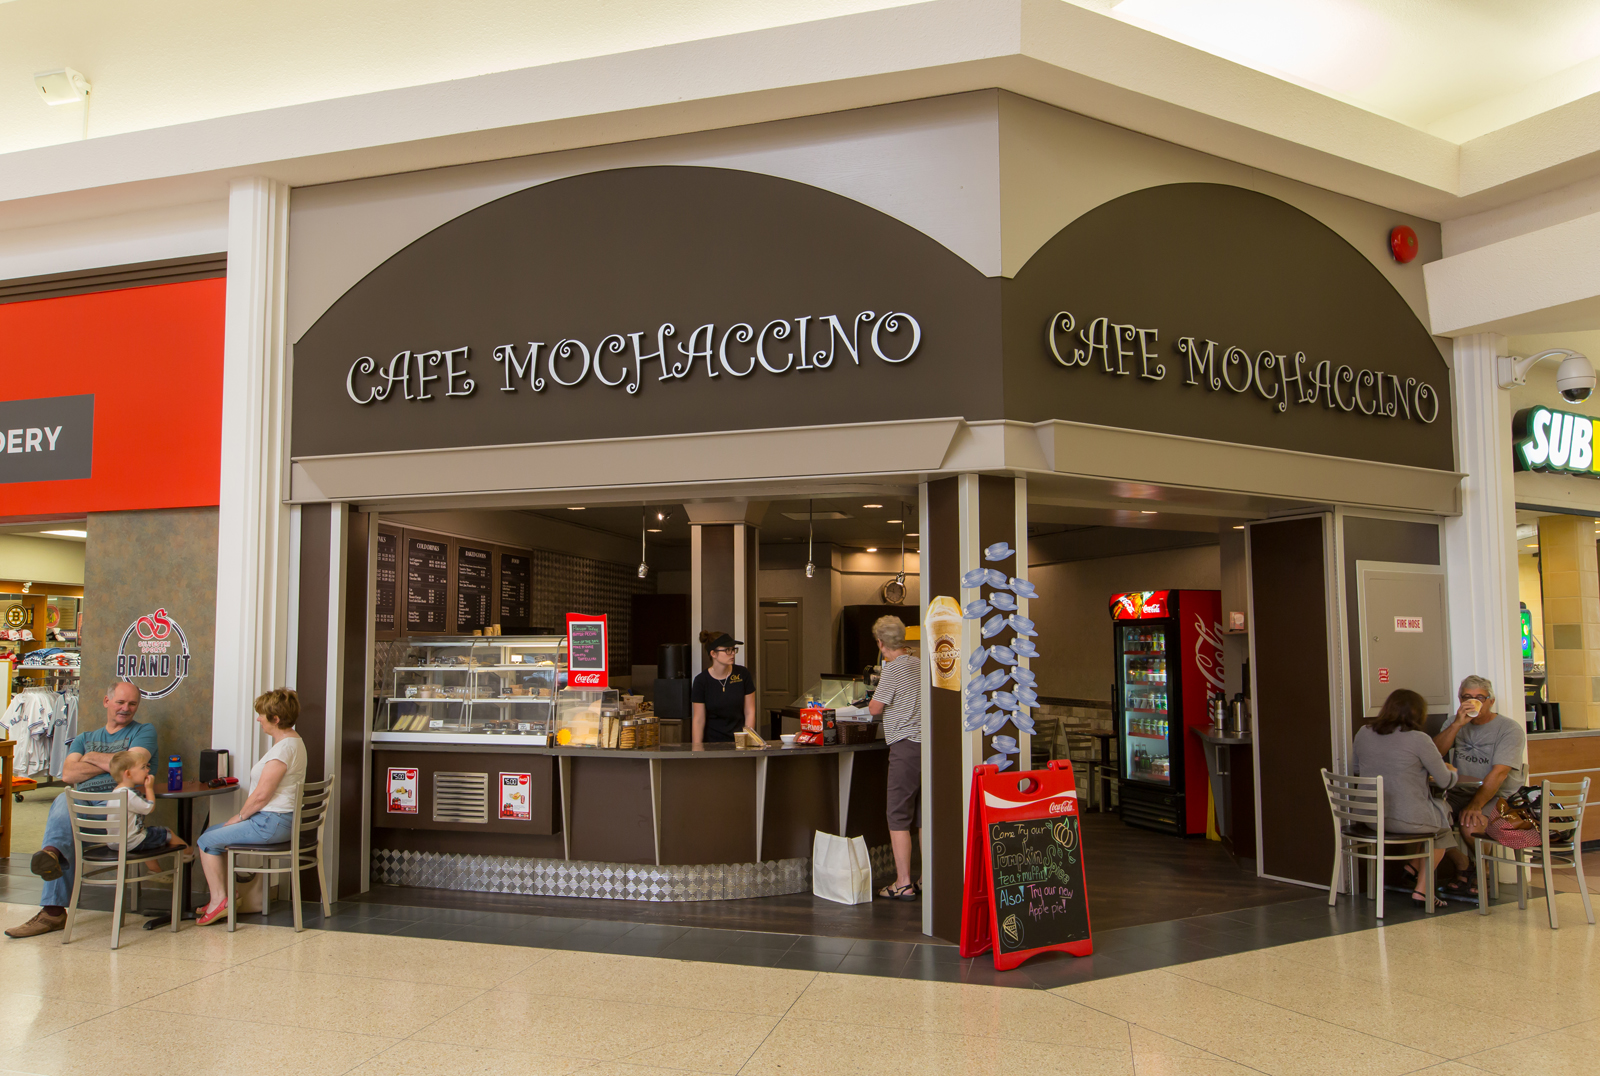 Cafe Mochaccino